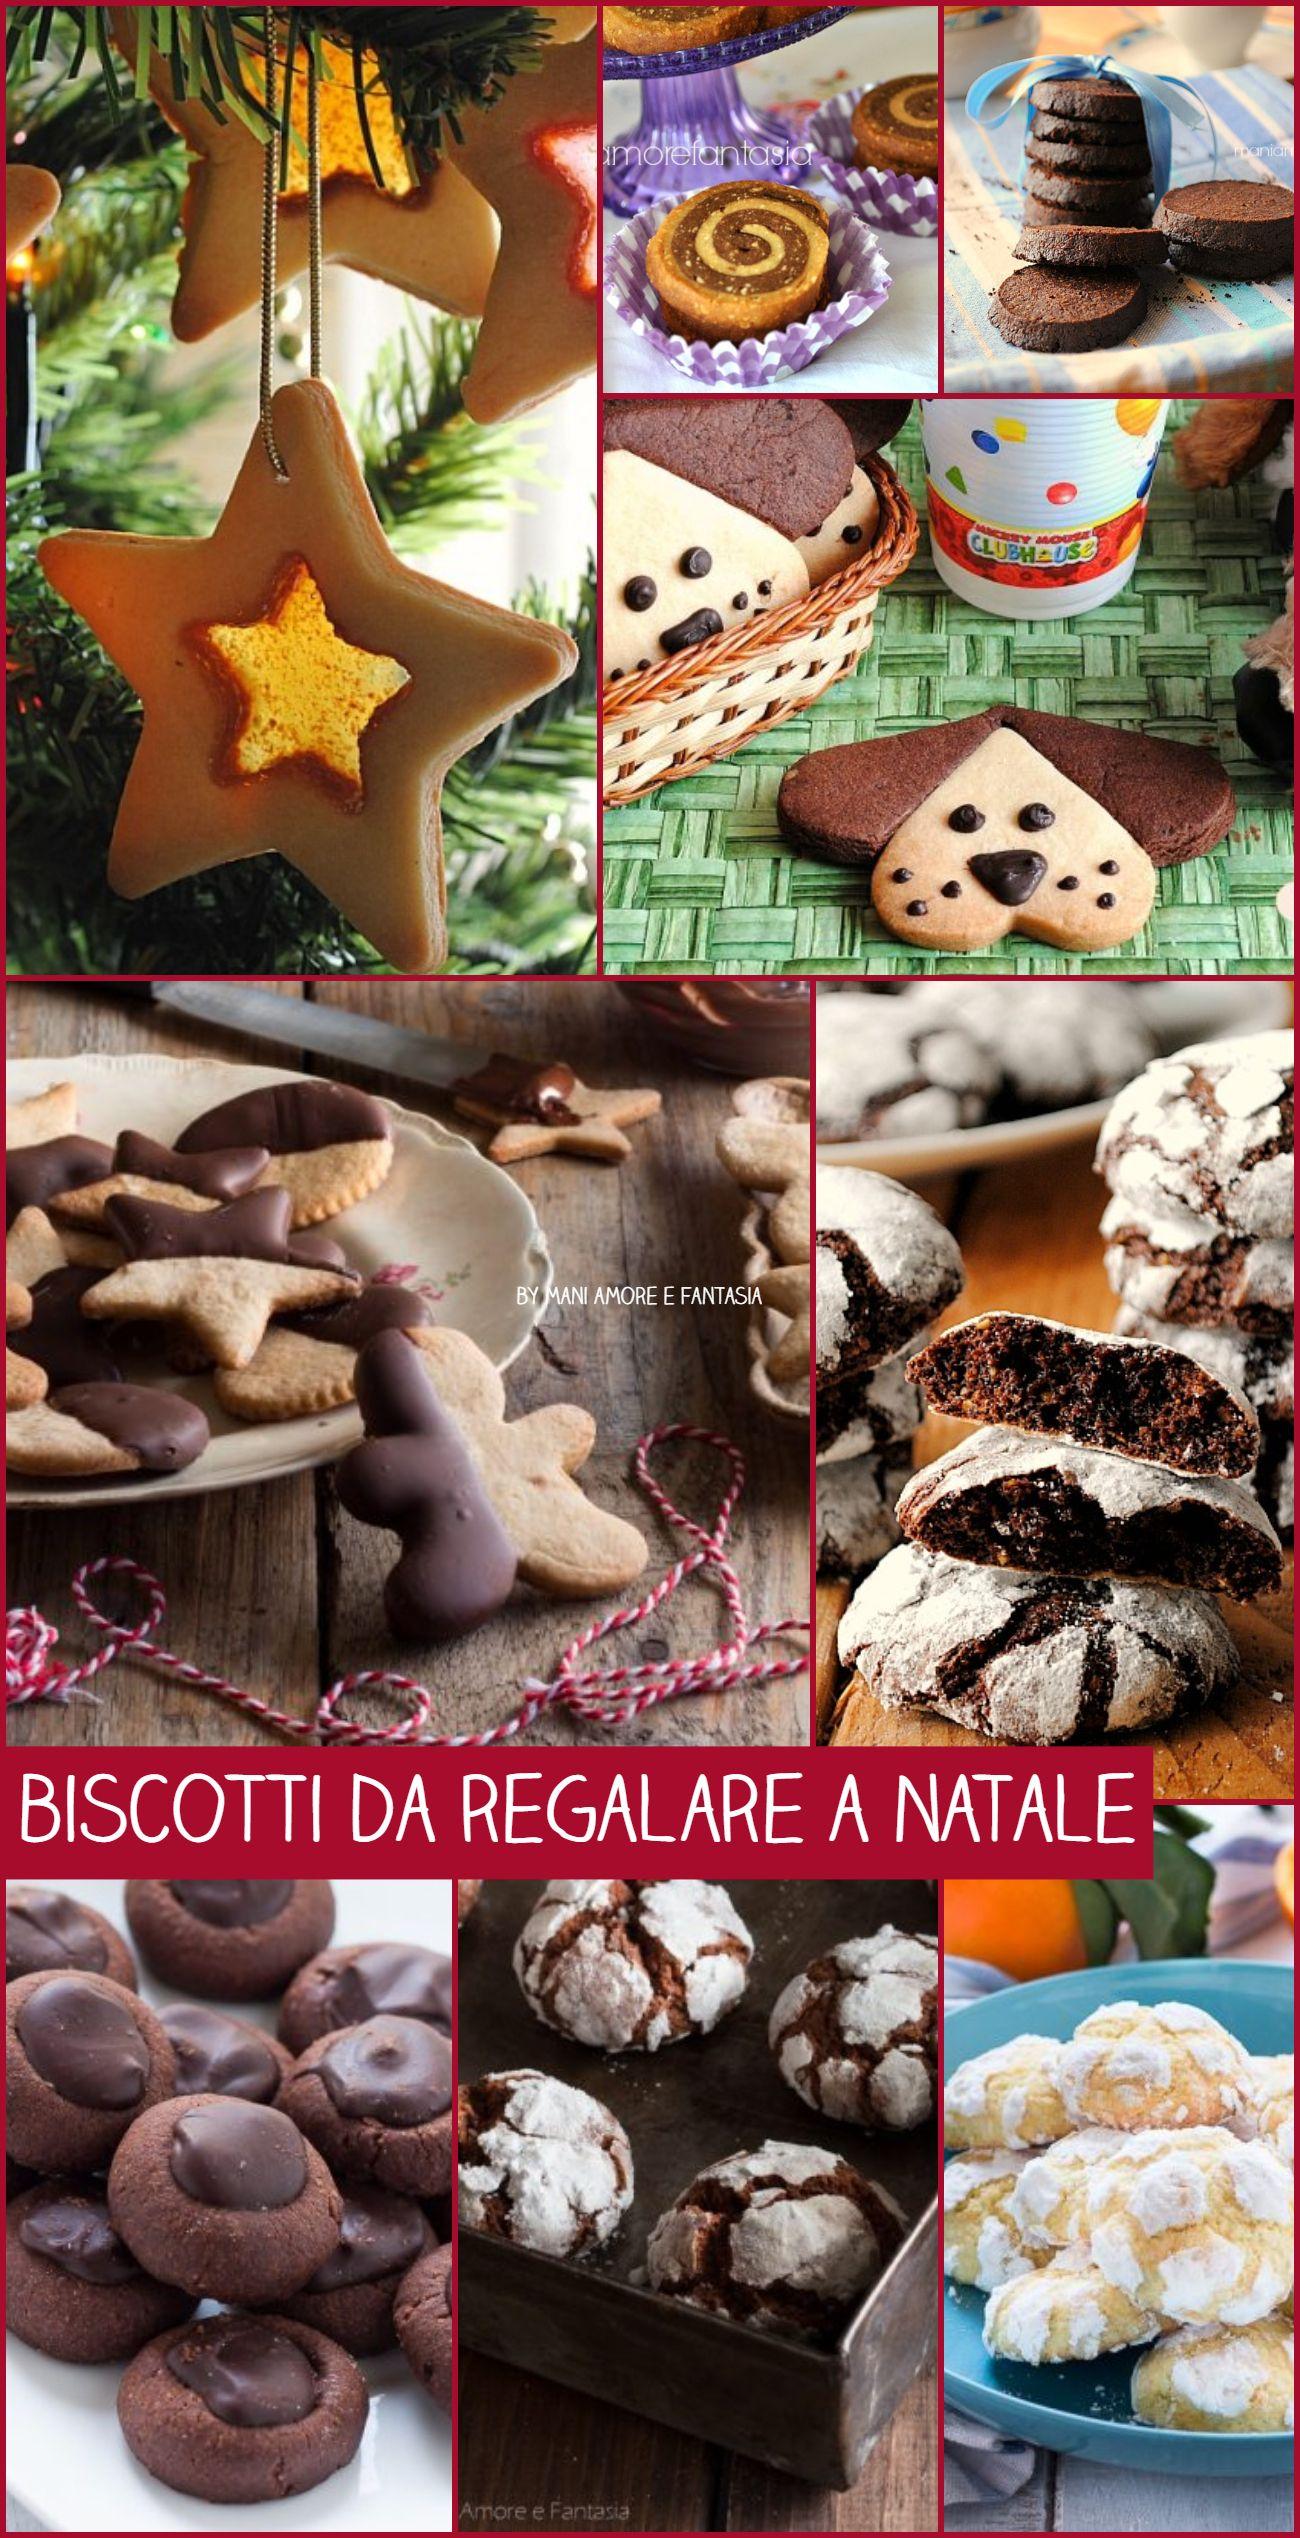 Ricette Di Biscotti Da Regalare A Natale.Biscotti Da Regalare A Natale Tutti Facili E Golosi Mani Amore E